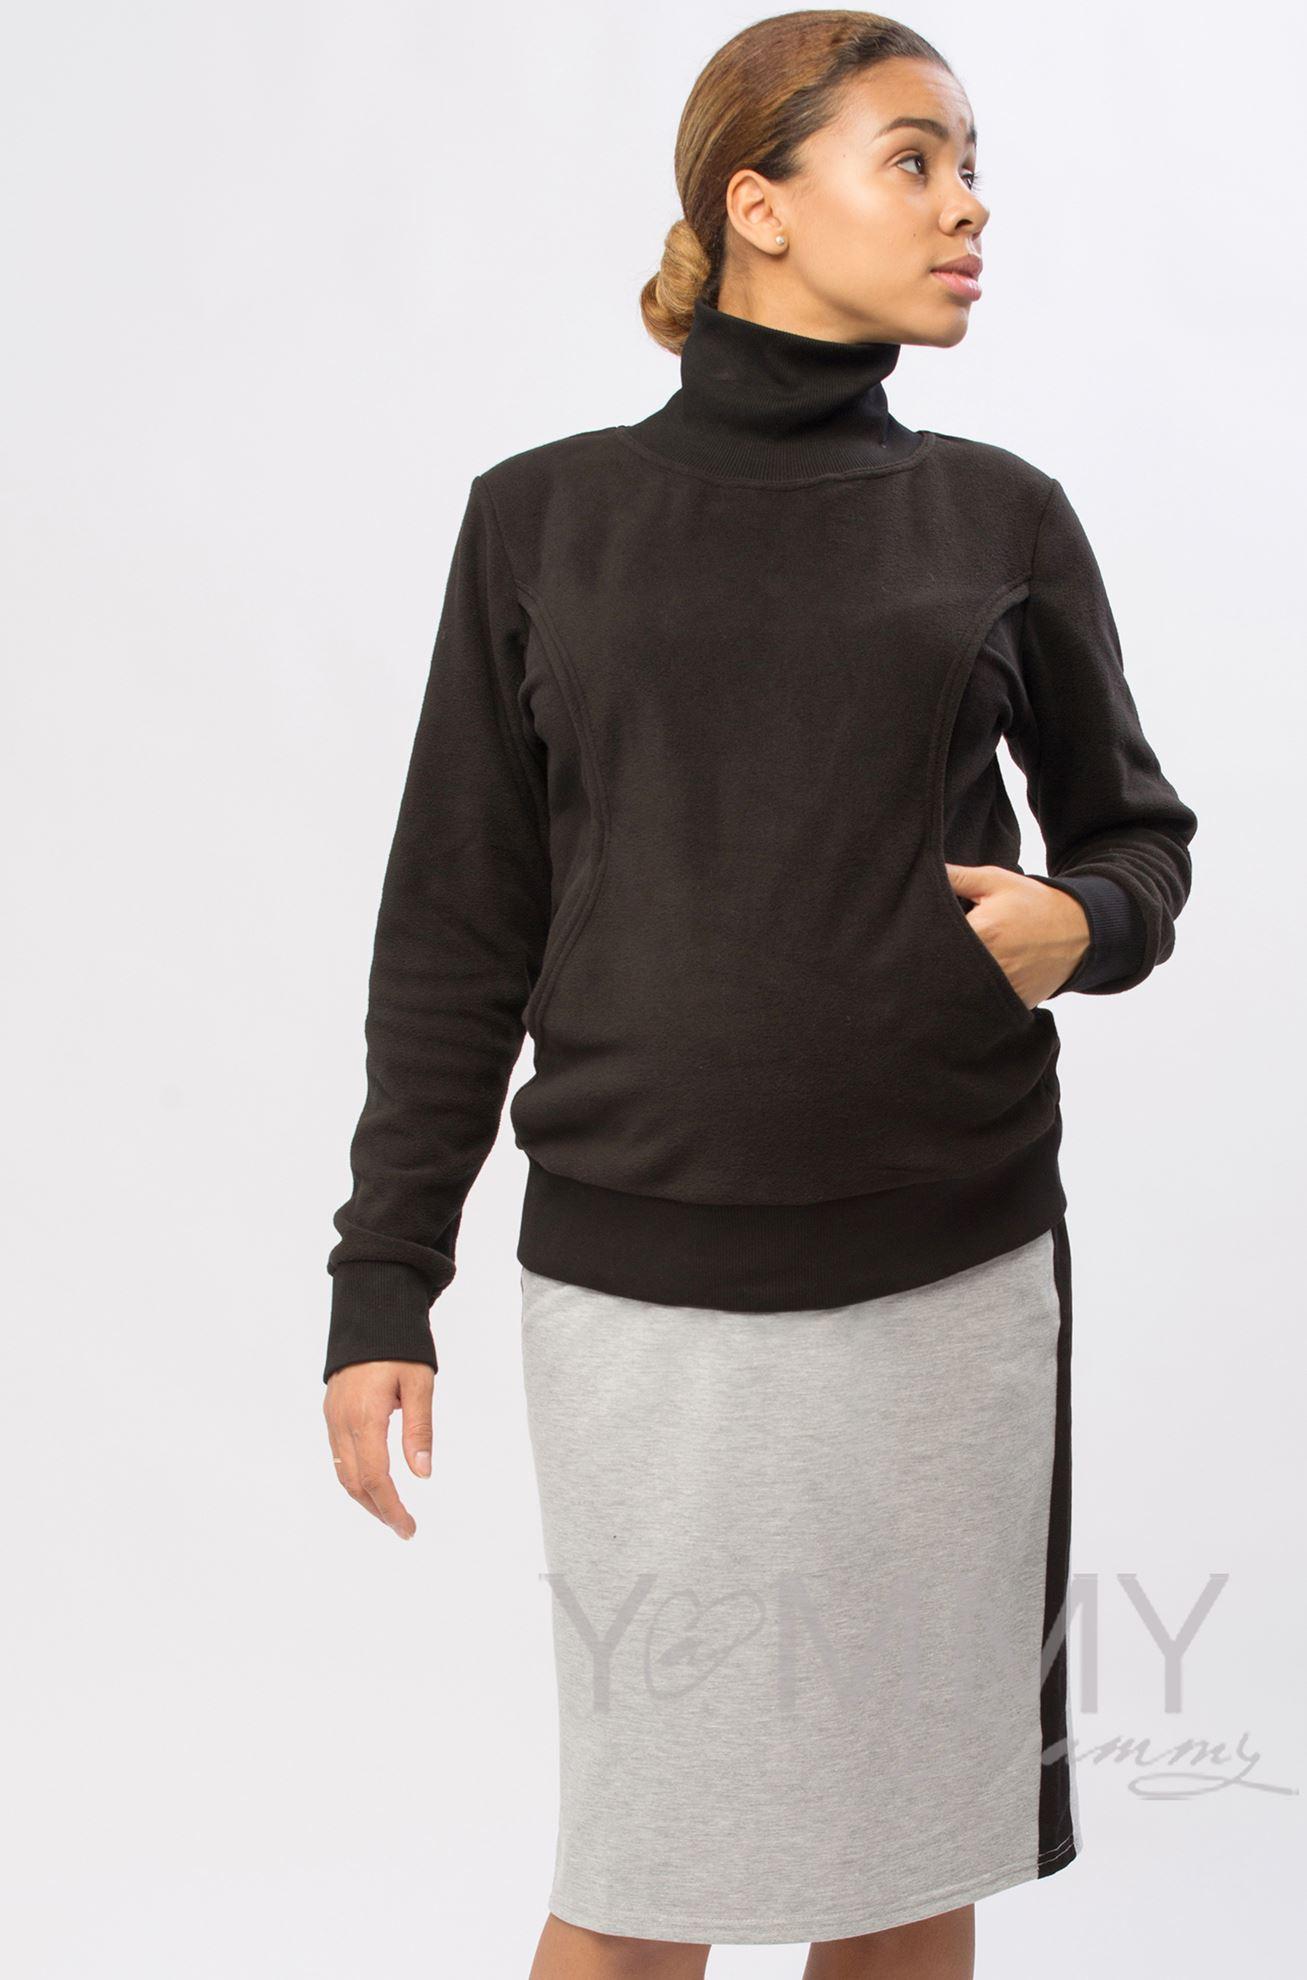 Изображение                               Юбка-карандаш универсальная серый меланж/черный